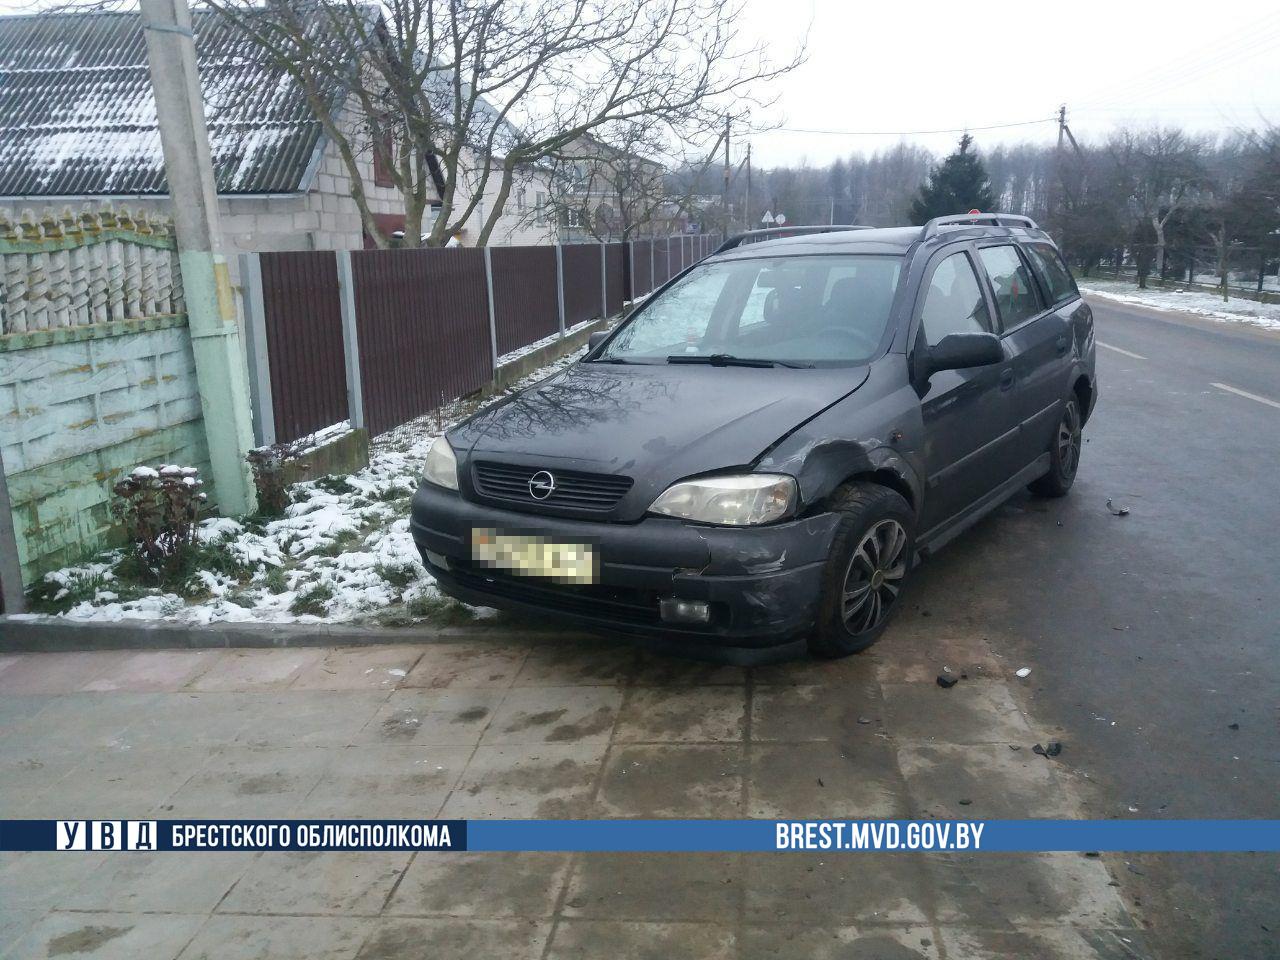 В Березе произошло ДТП с участием служебного автомобиля ГАИ